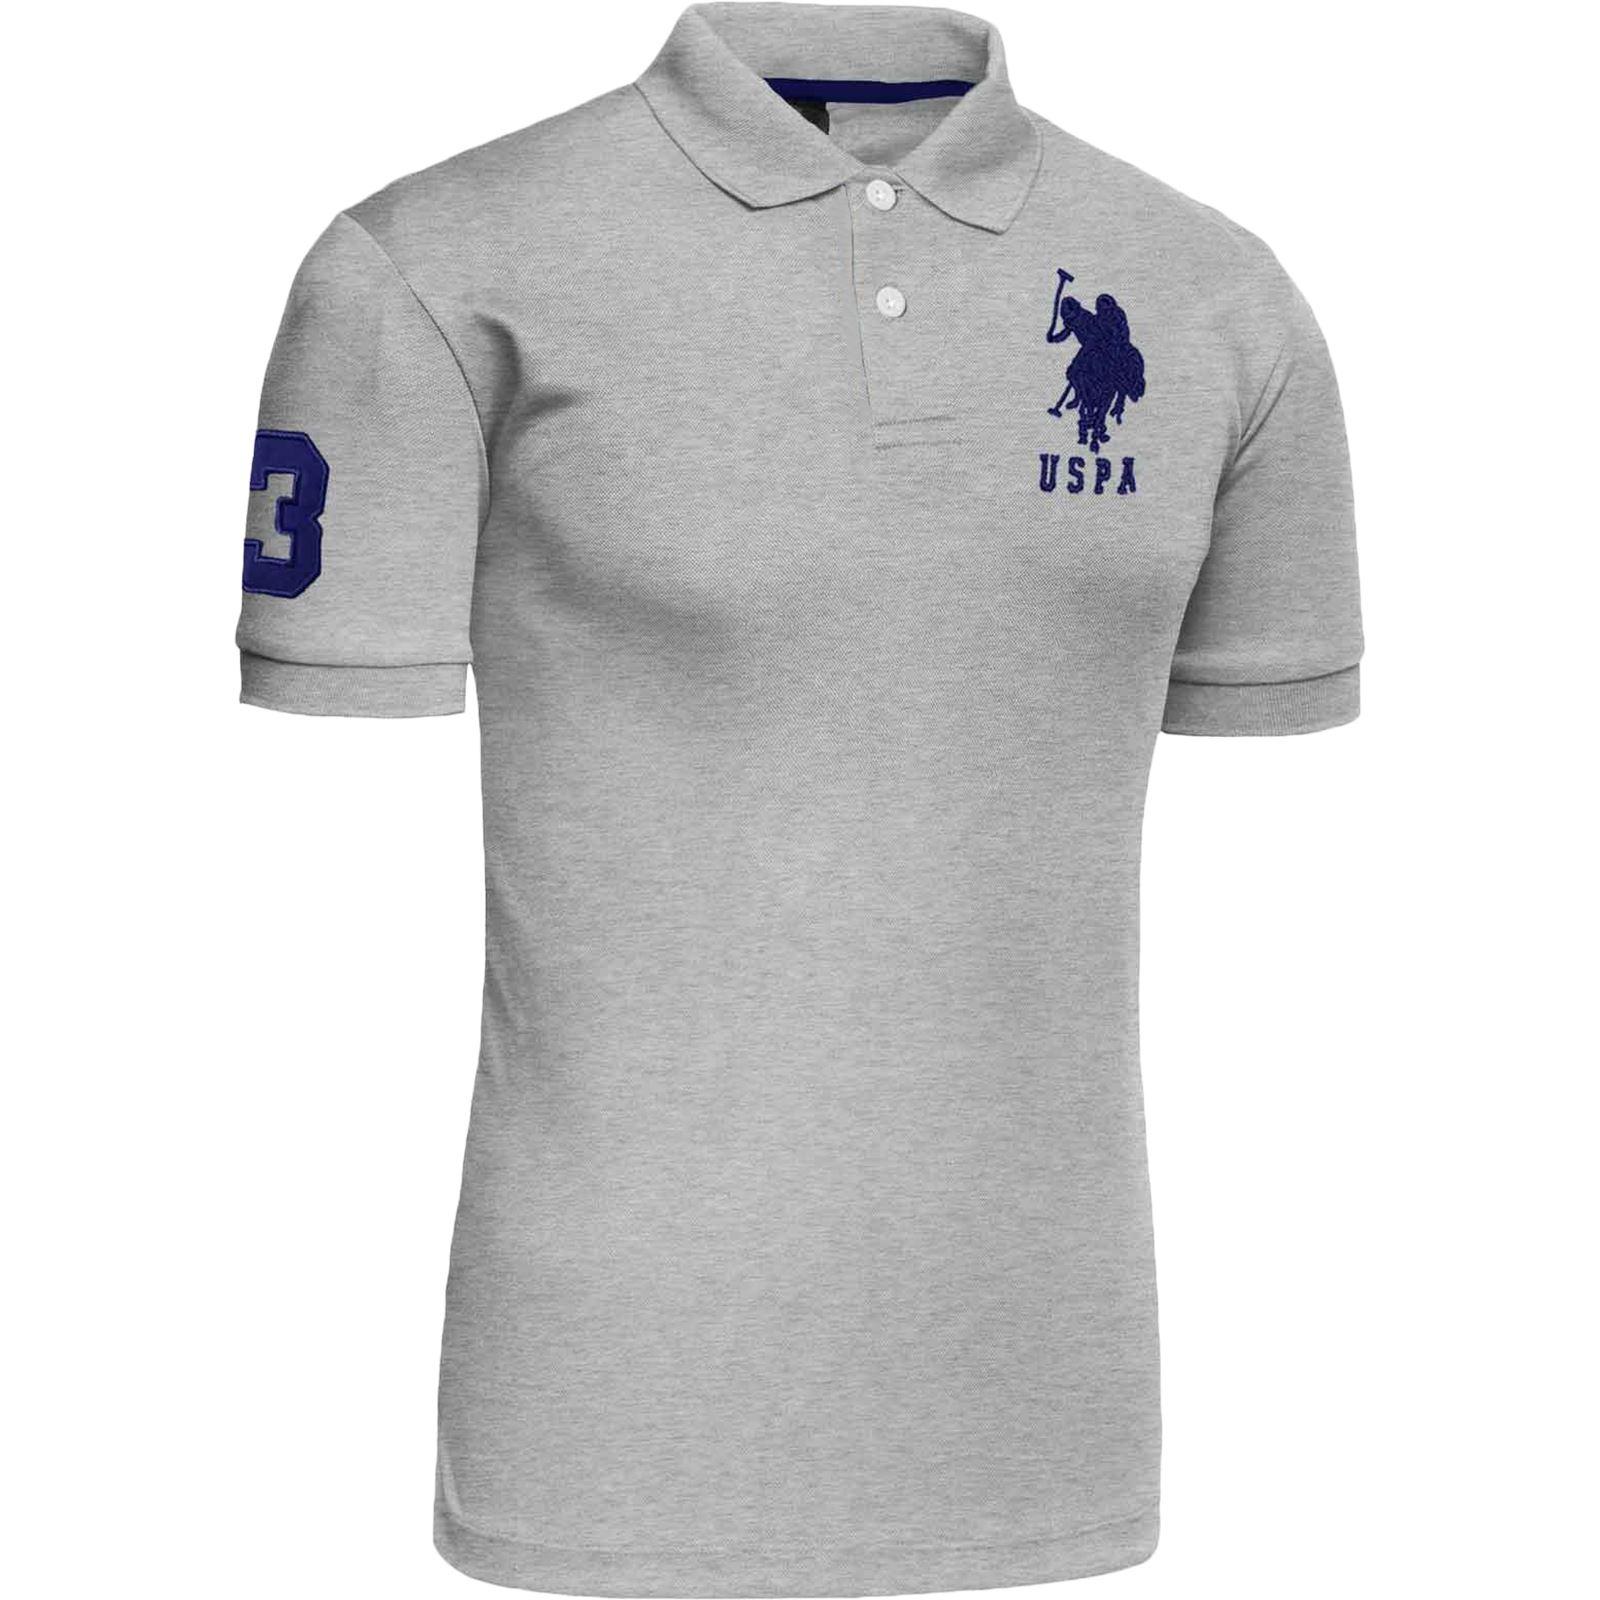 Mens Big Pony Polo Shirts